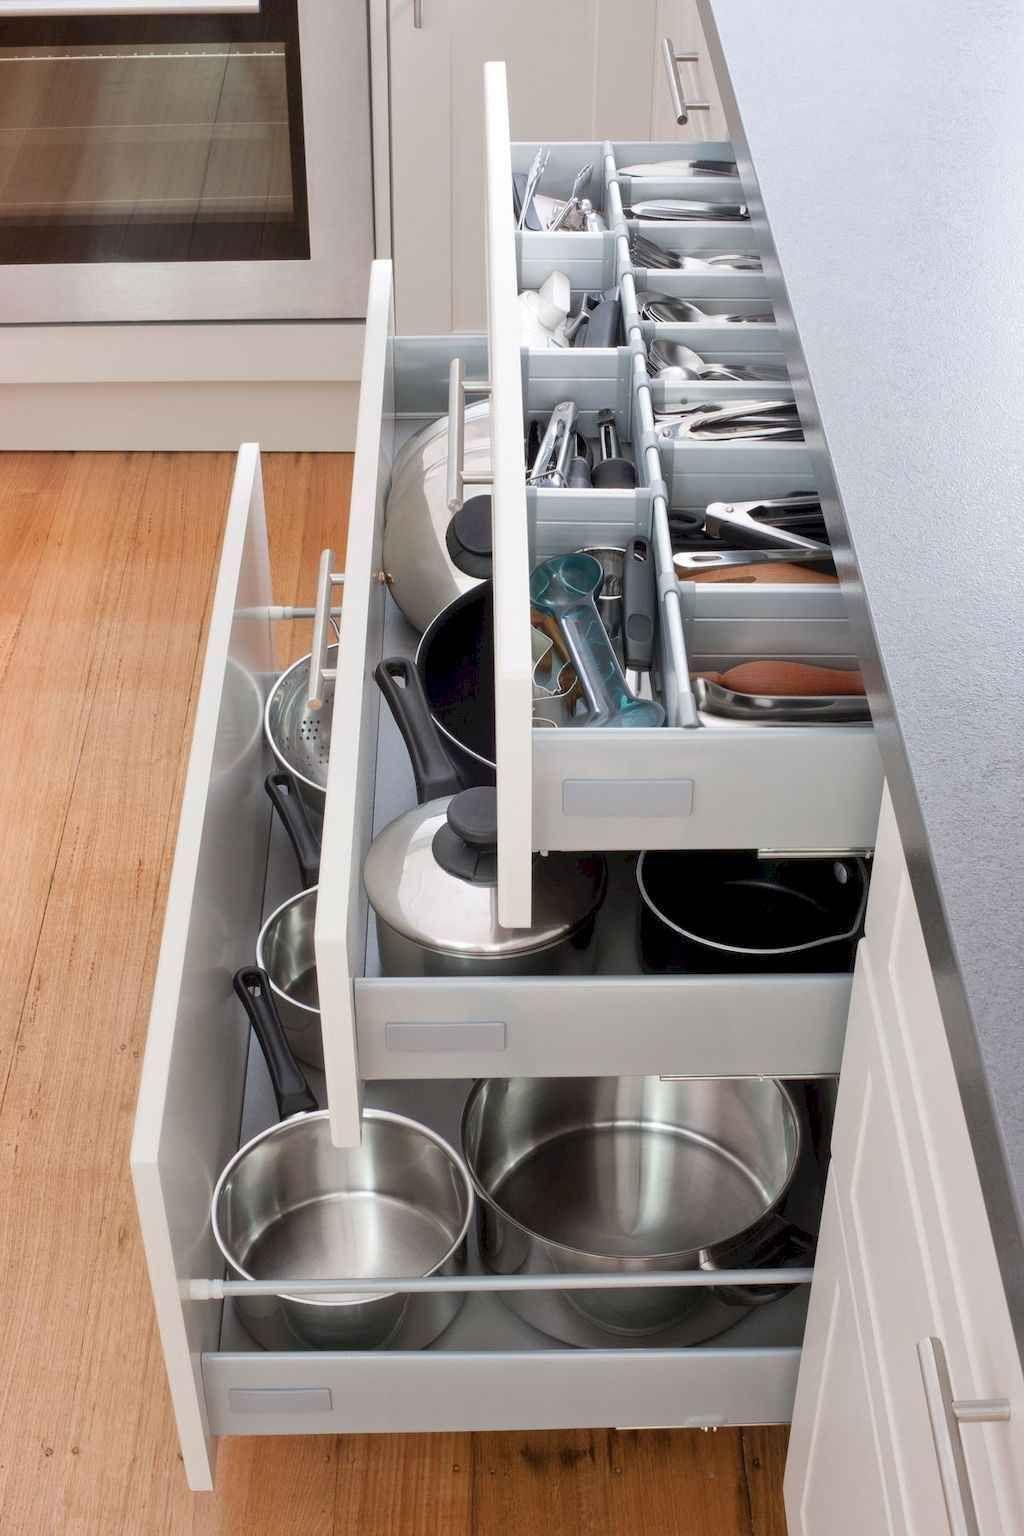 Best Design Ideas For Kitchen Organization Cabinets 30